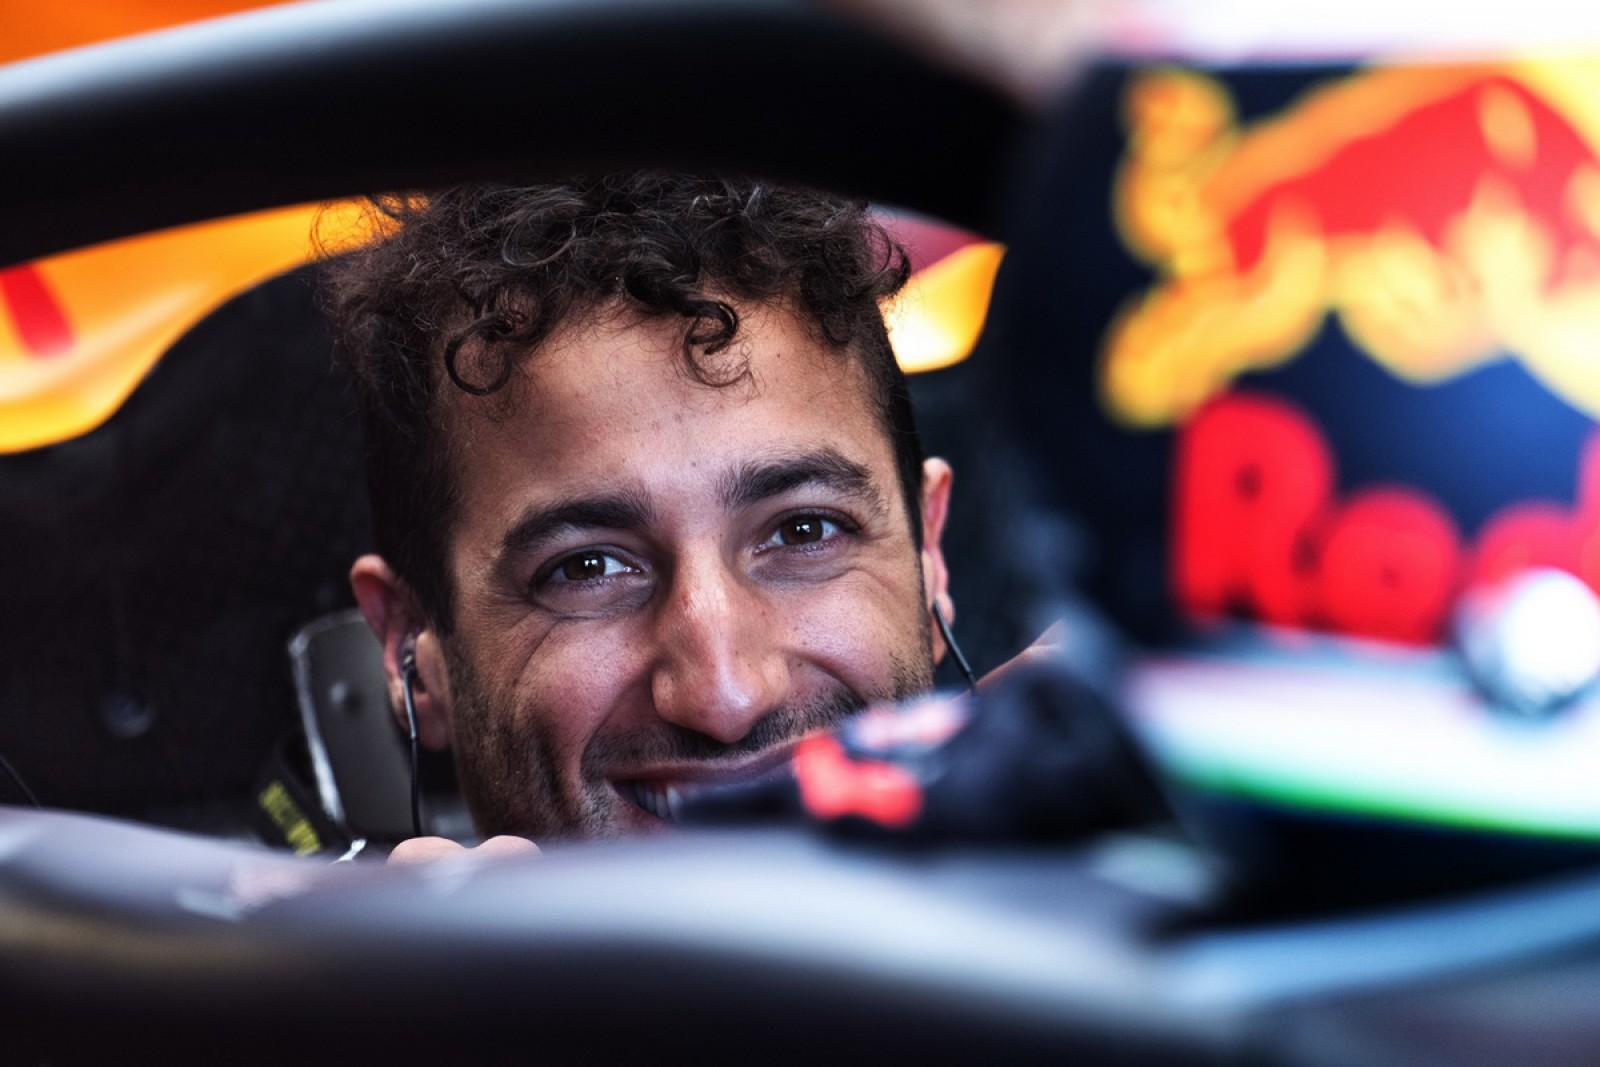 Daniel Ricciardo părăseşte Red Bull Racing la finele sezonului! Din 2019 va concura de partea Renault